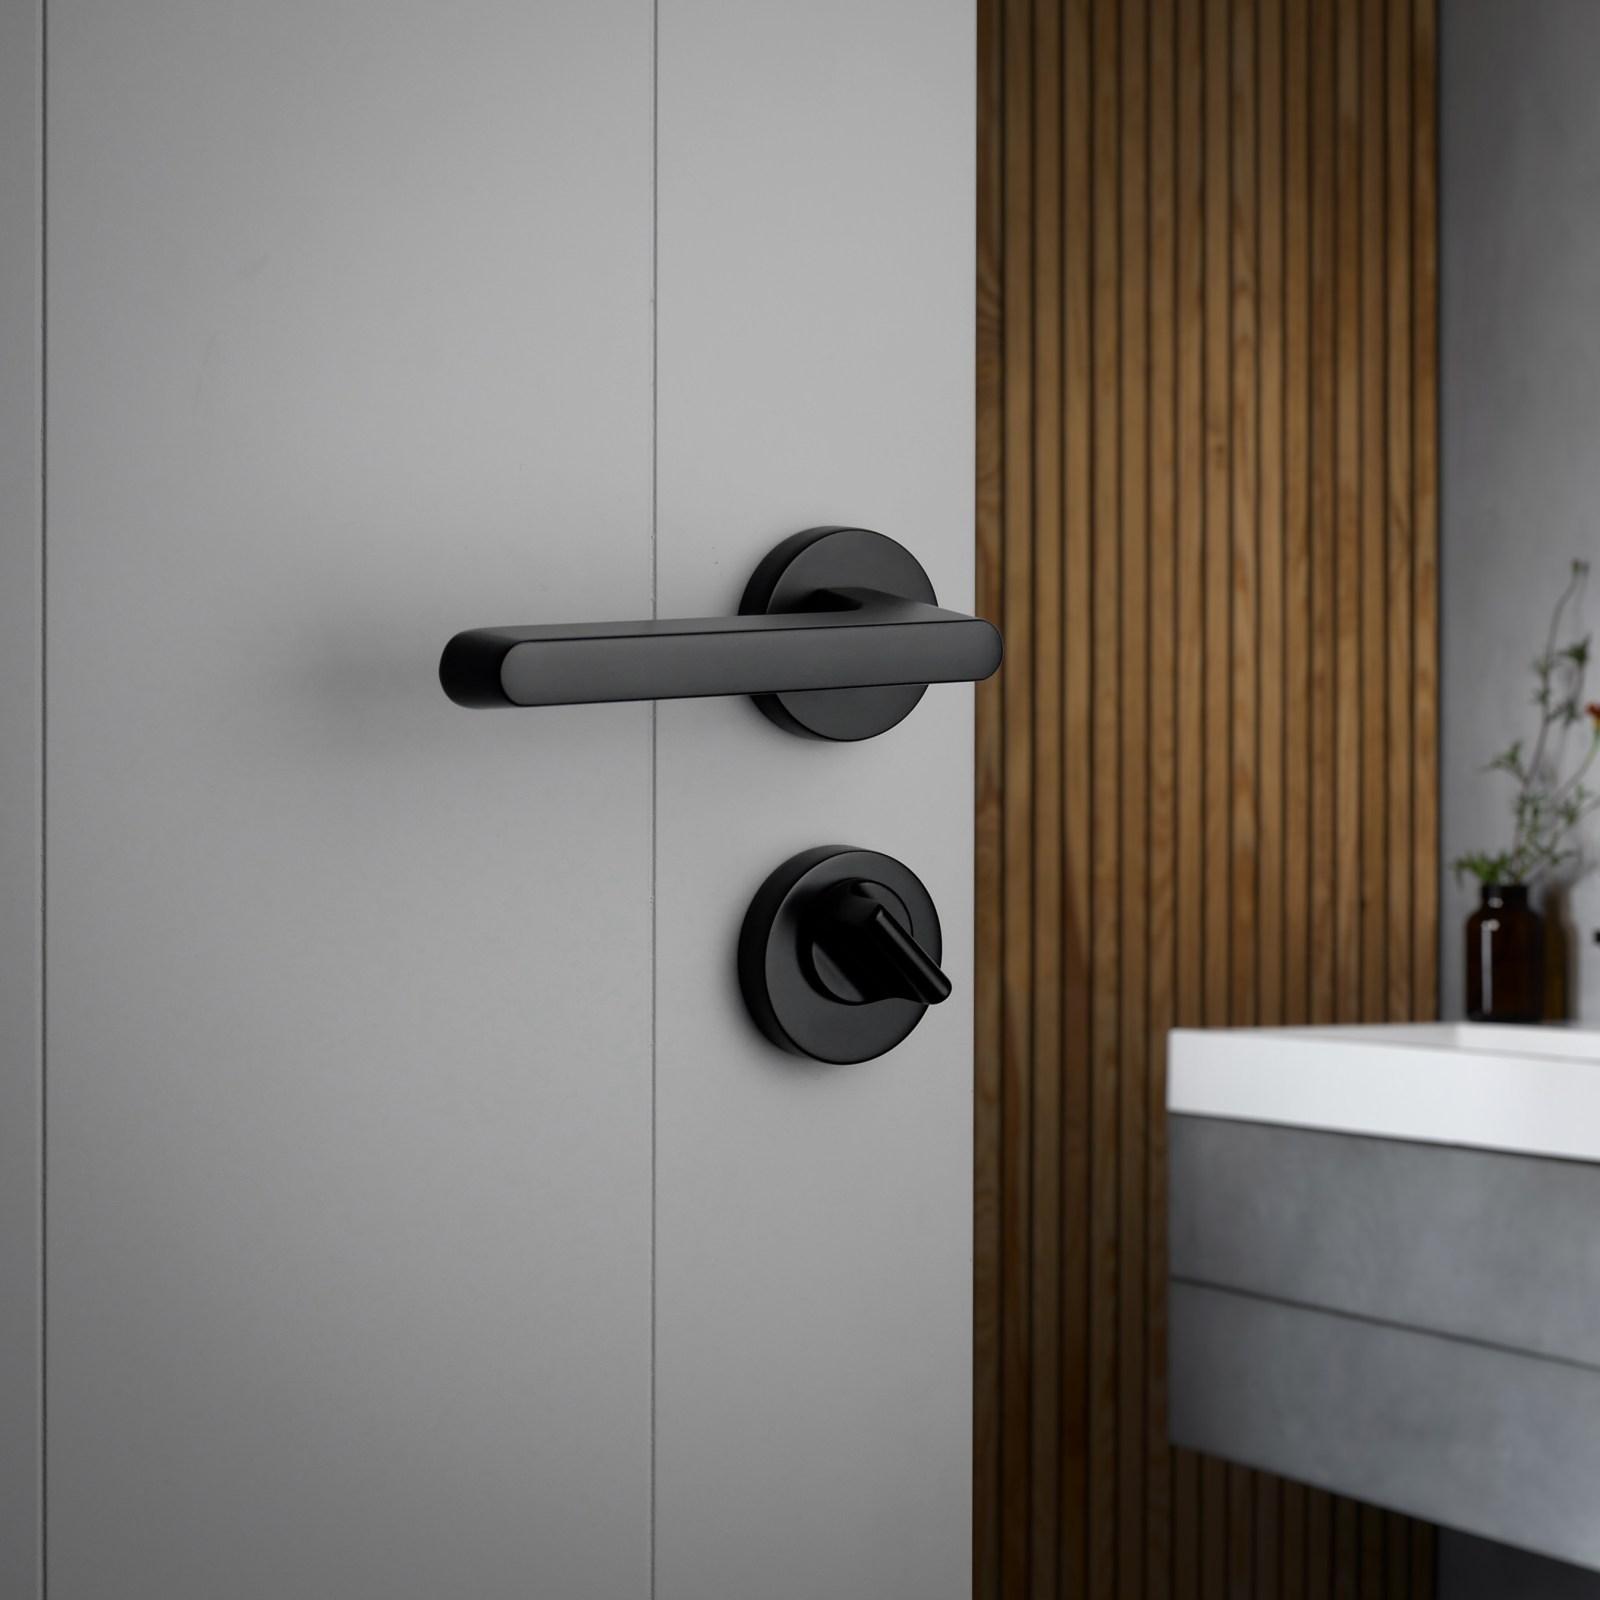 dörrhandtag-tavira-svart-beslag-design-njord